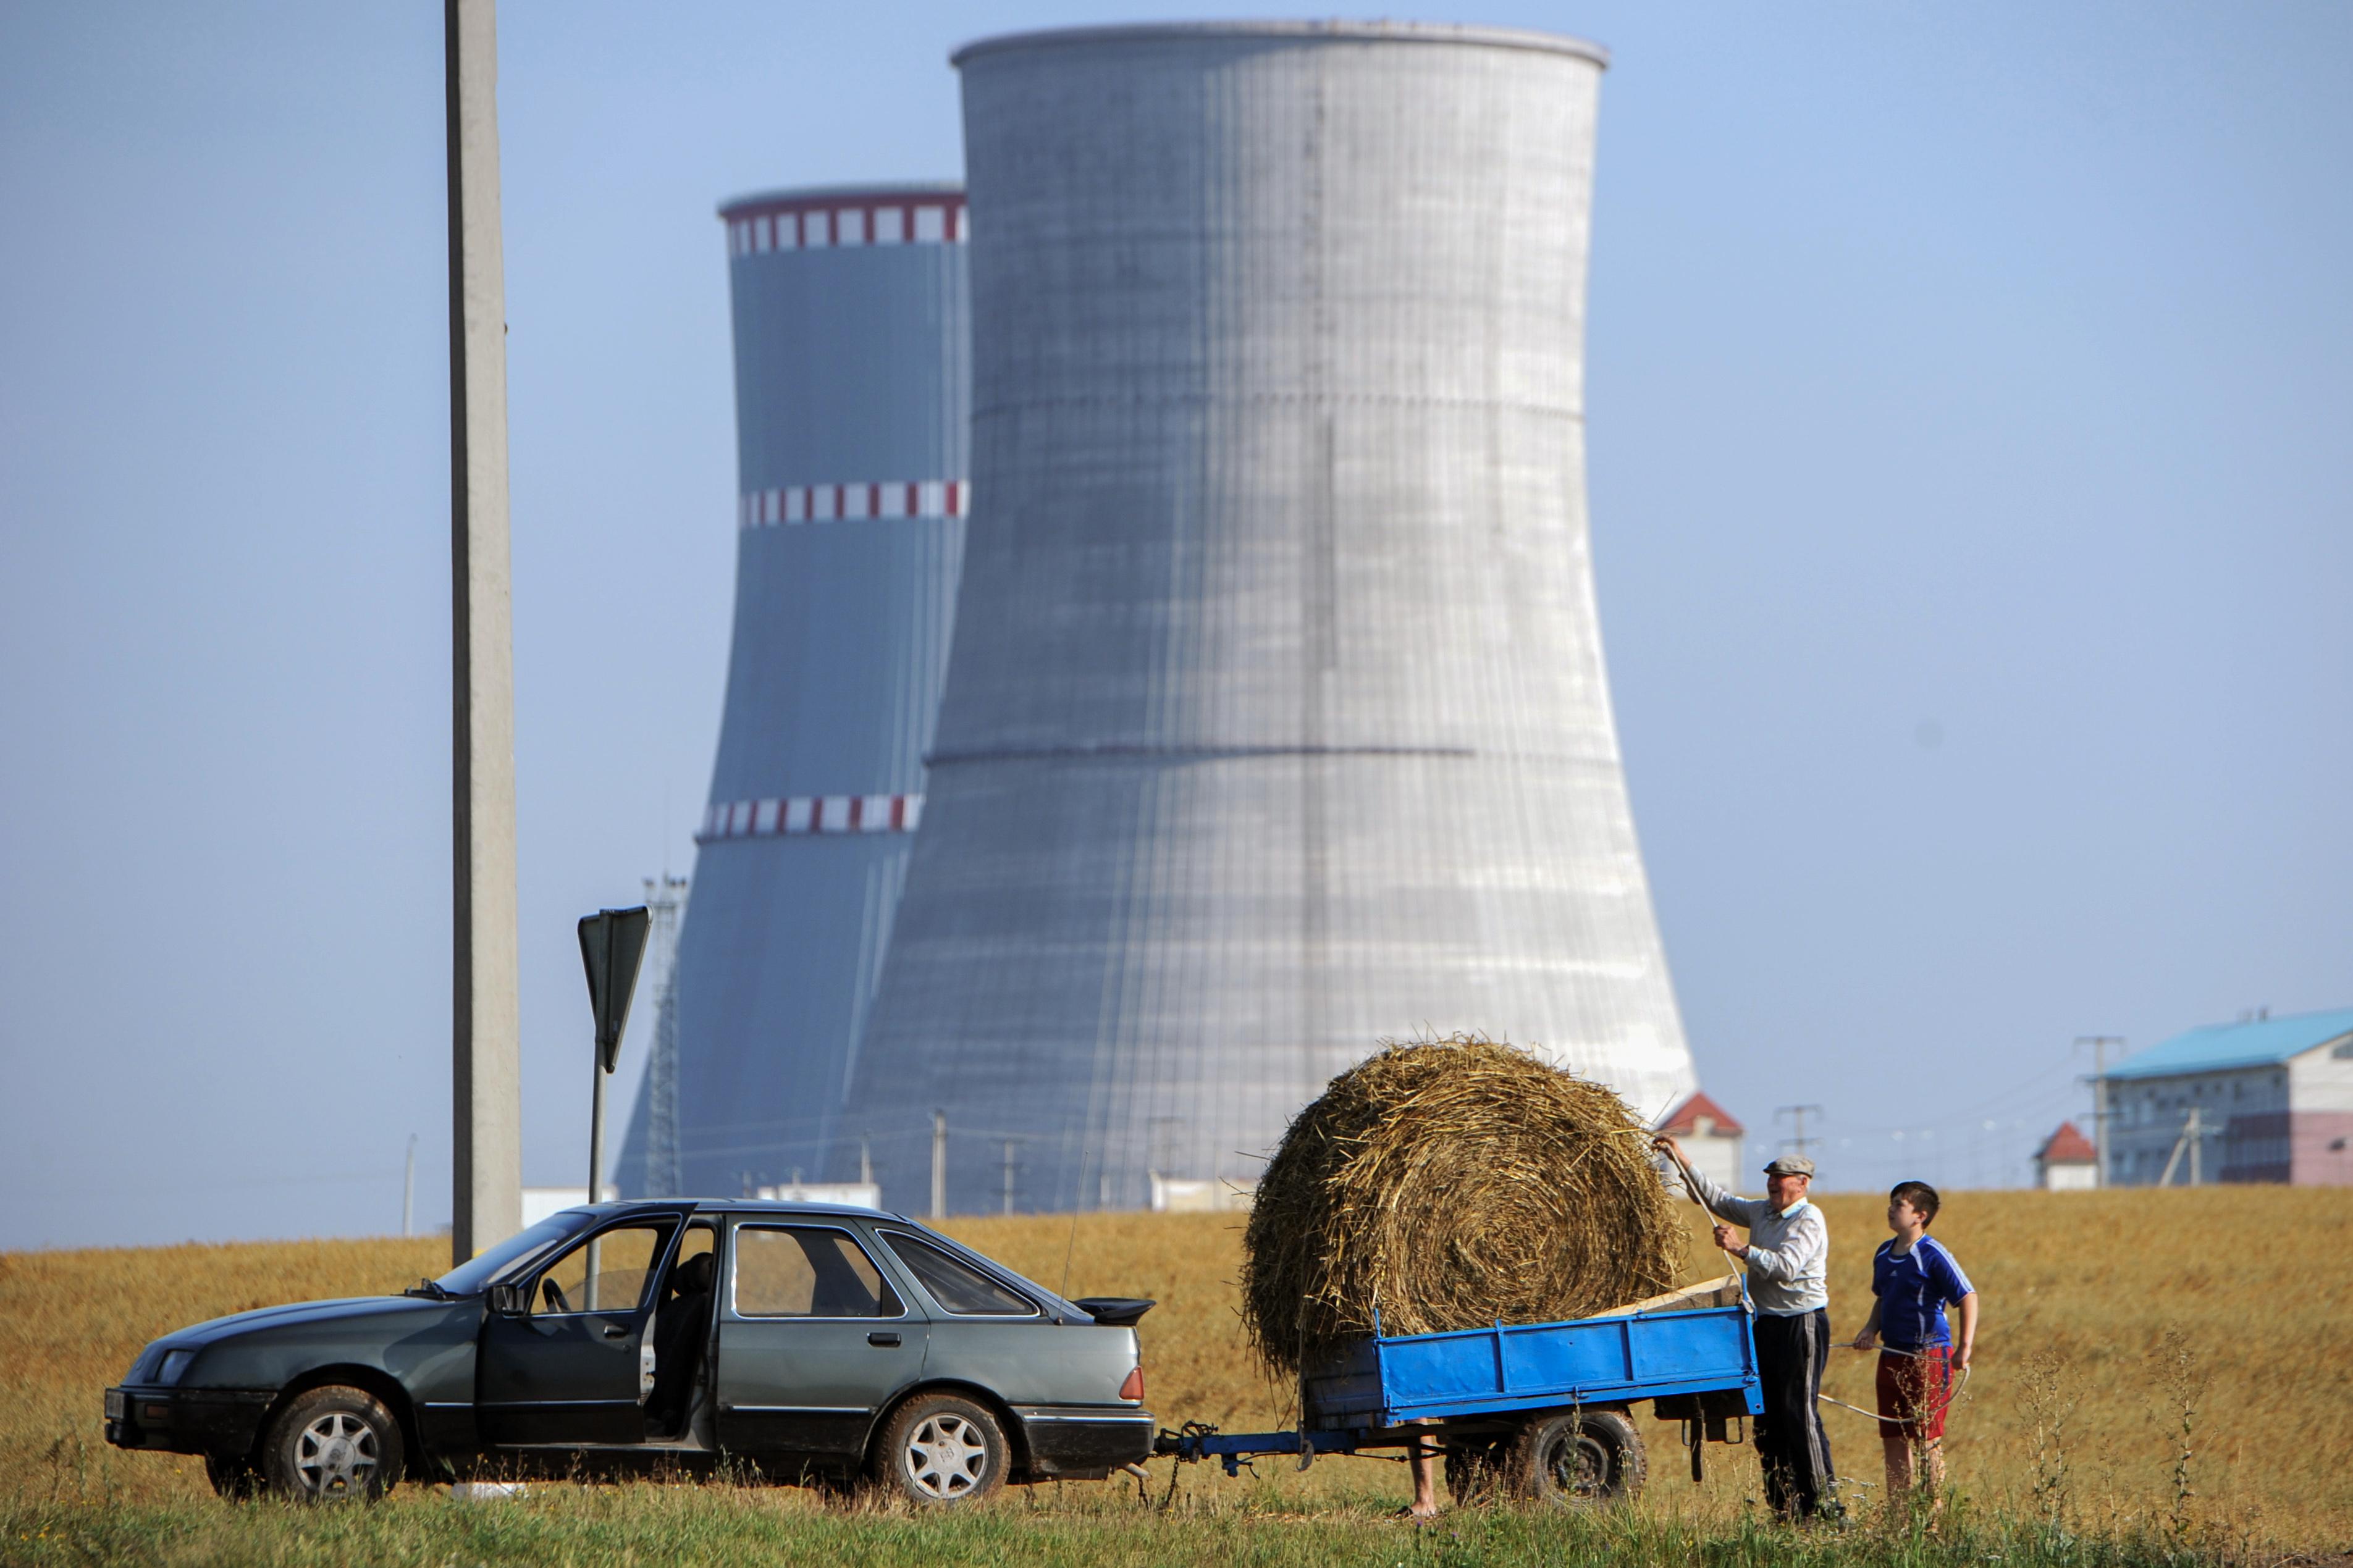 Megint meghibásodást jelentettek a Roszatom építette fehérorosz atomerőműből